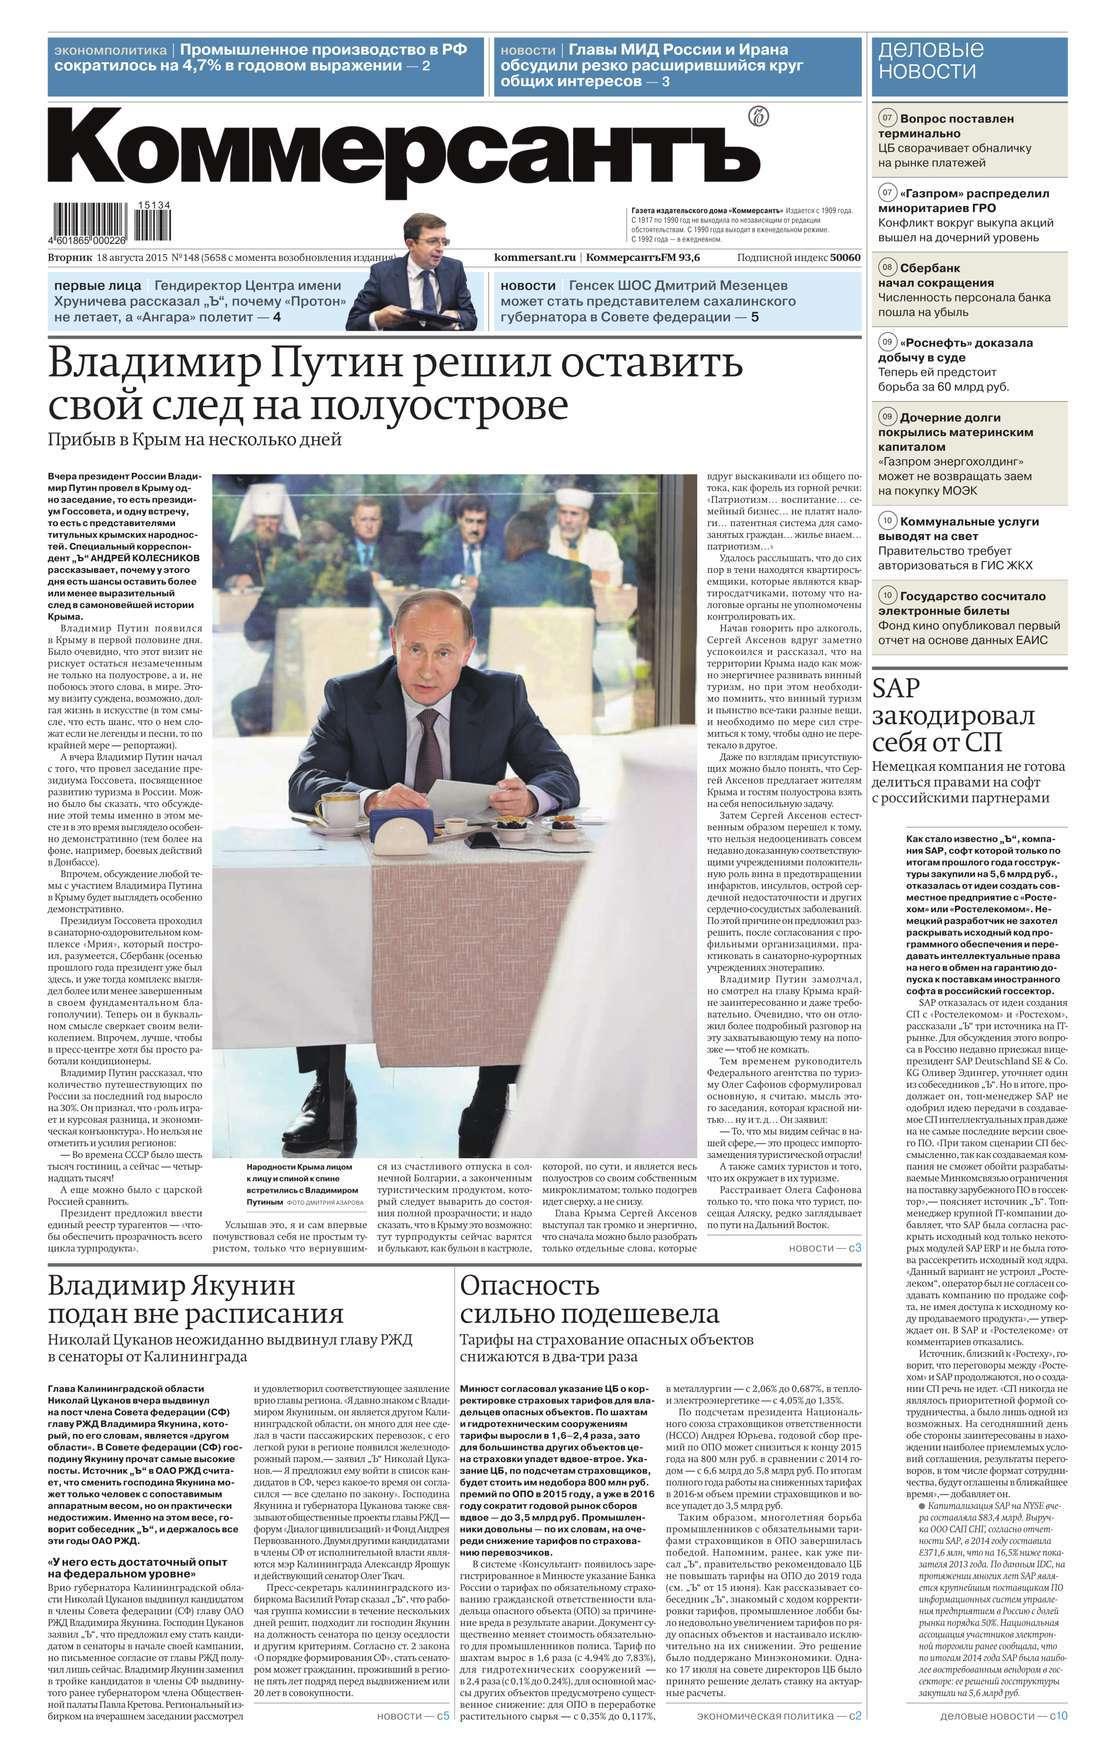 просто скачать Редакция газеты КоммерсантЪ бесплатная книга